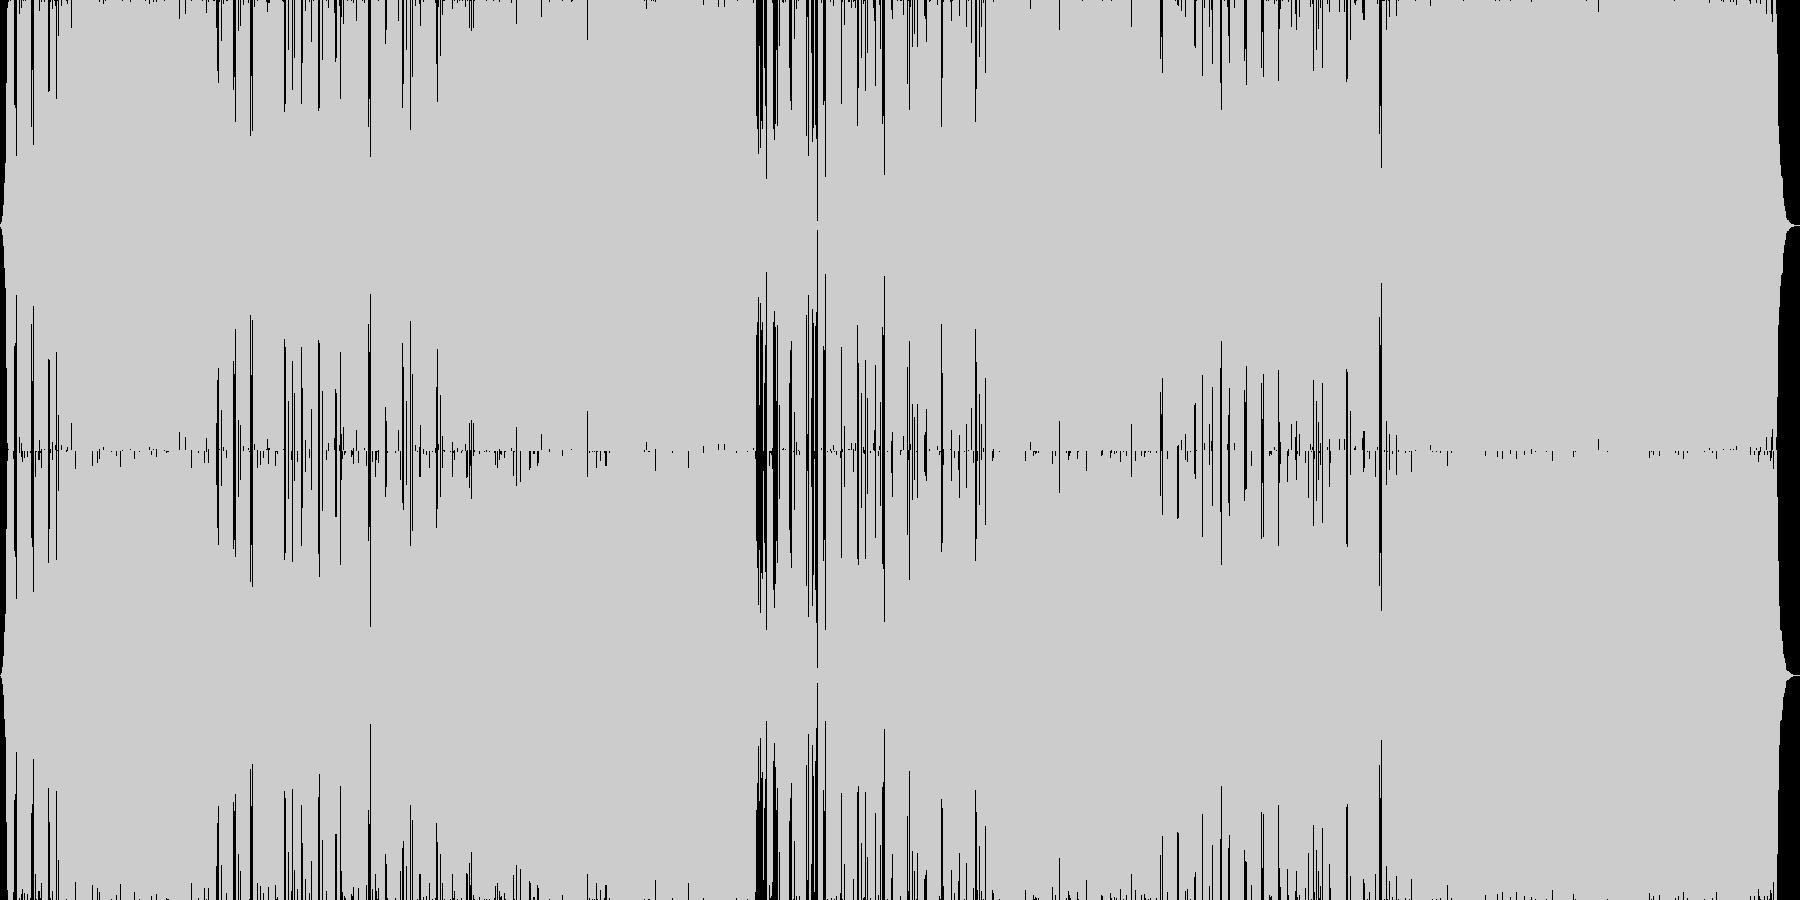 おしゃれでクールなパワフルロックの未再生の波形